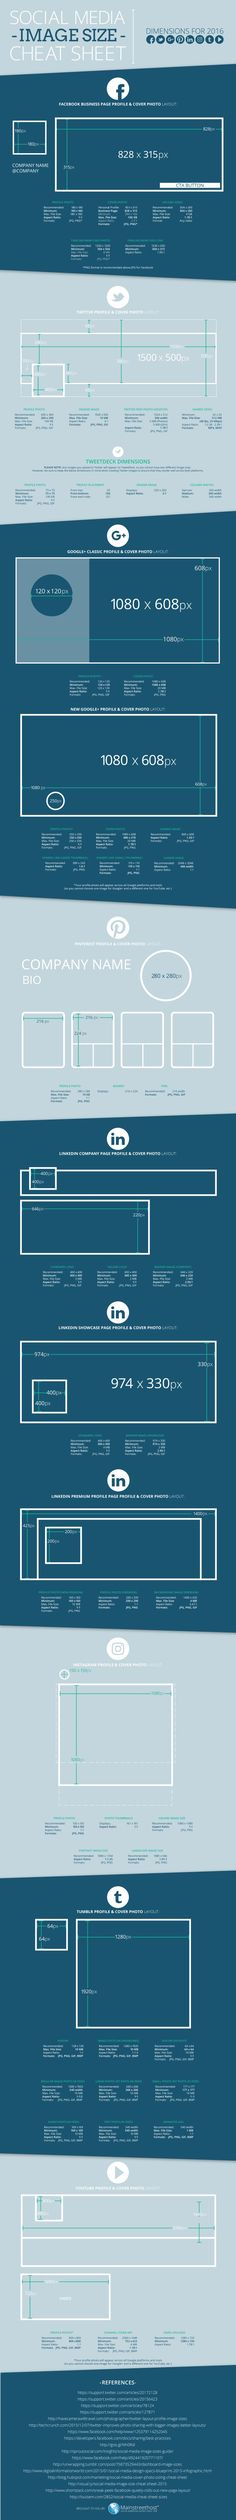 Tamanhos de imagens para Redes Sociaisl 2016 | Social Media Image Sizes for 2016…